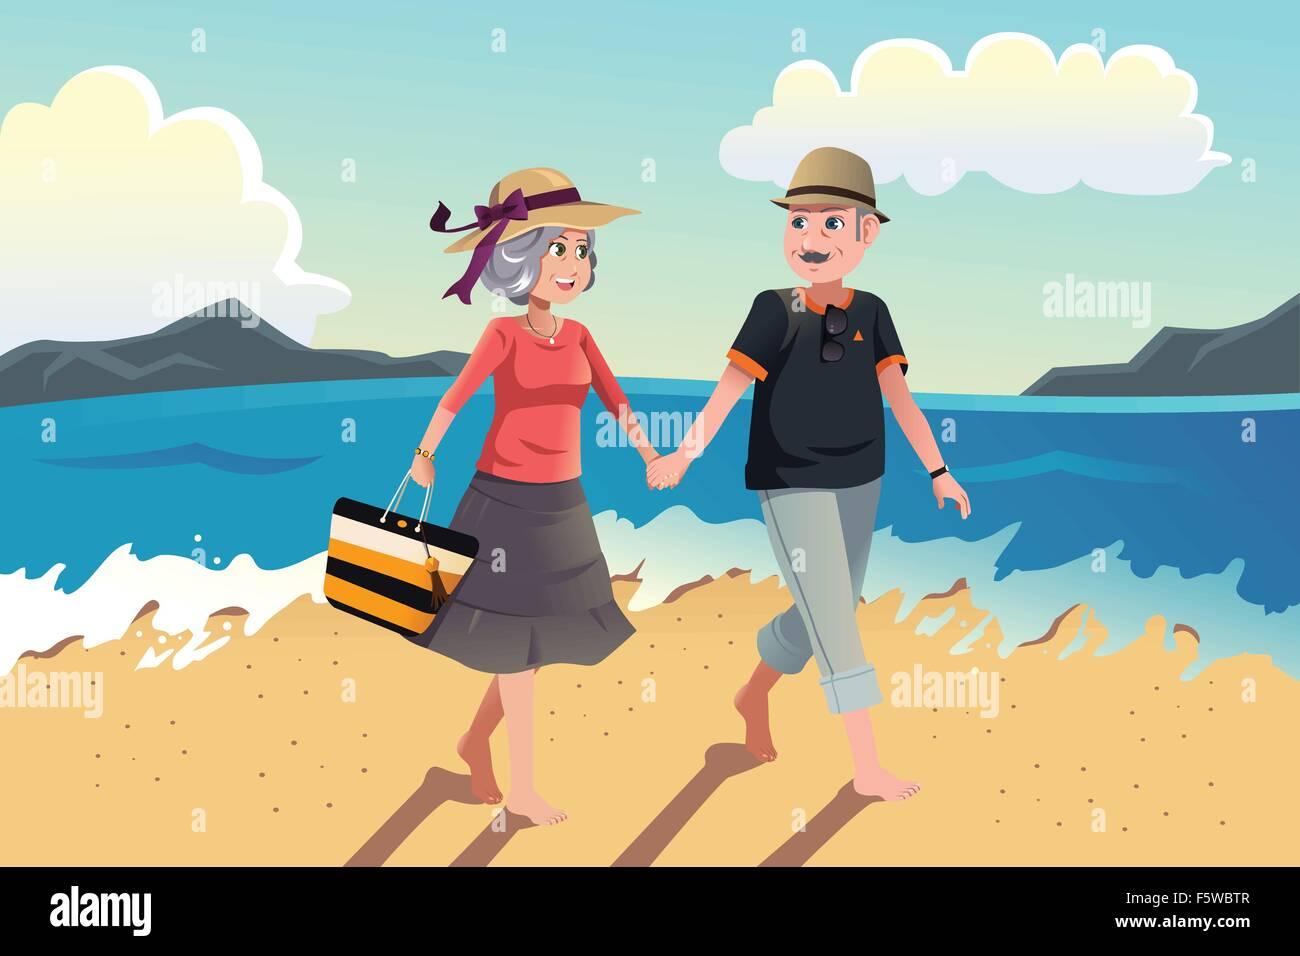 Una ilustración vectorial de alto par caminar en la playa Imagen De Stock